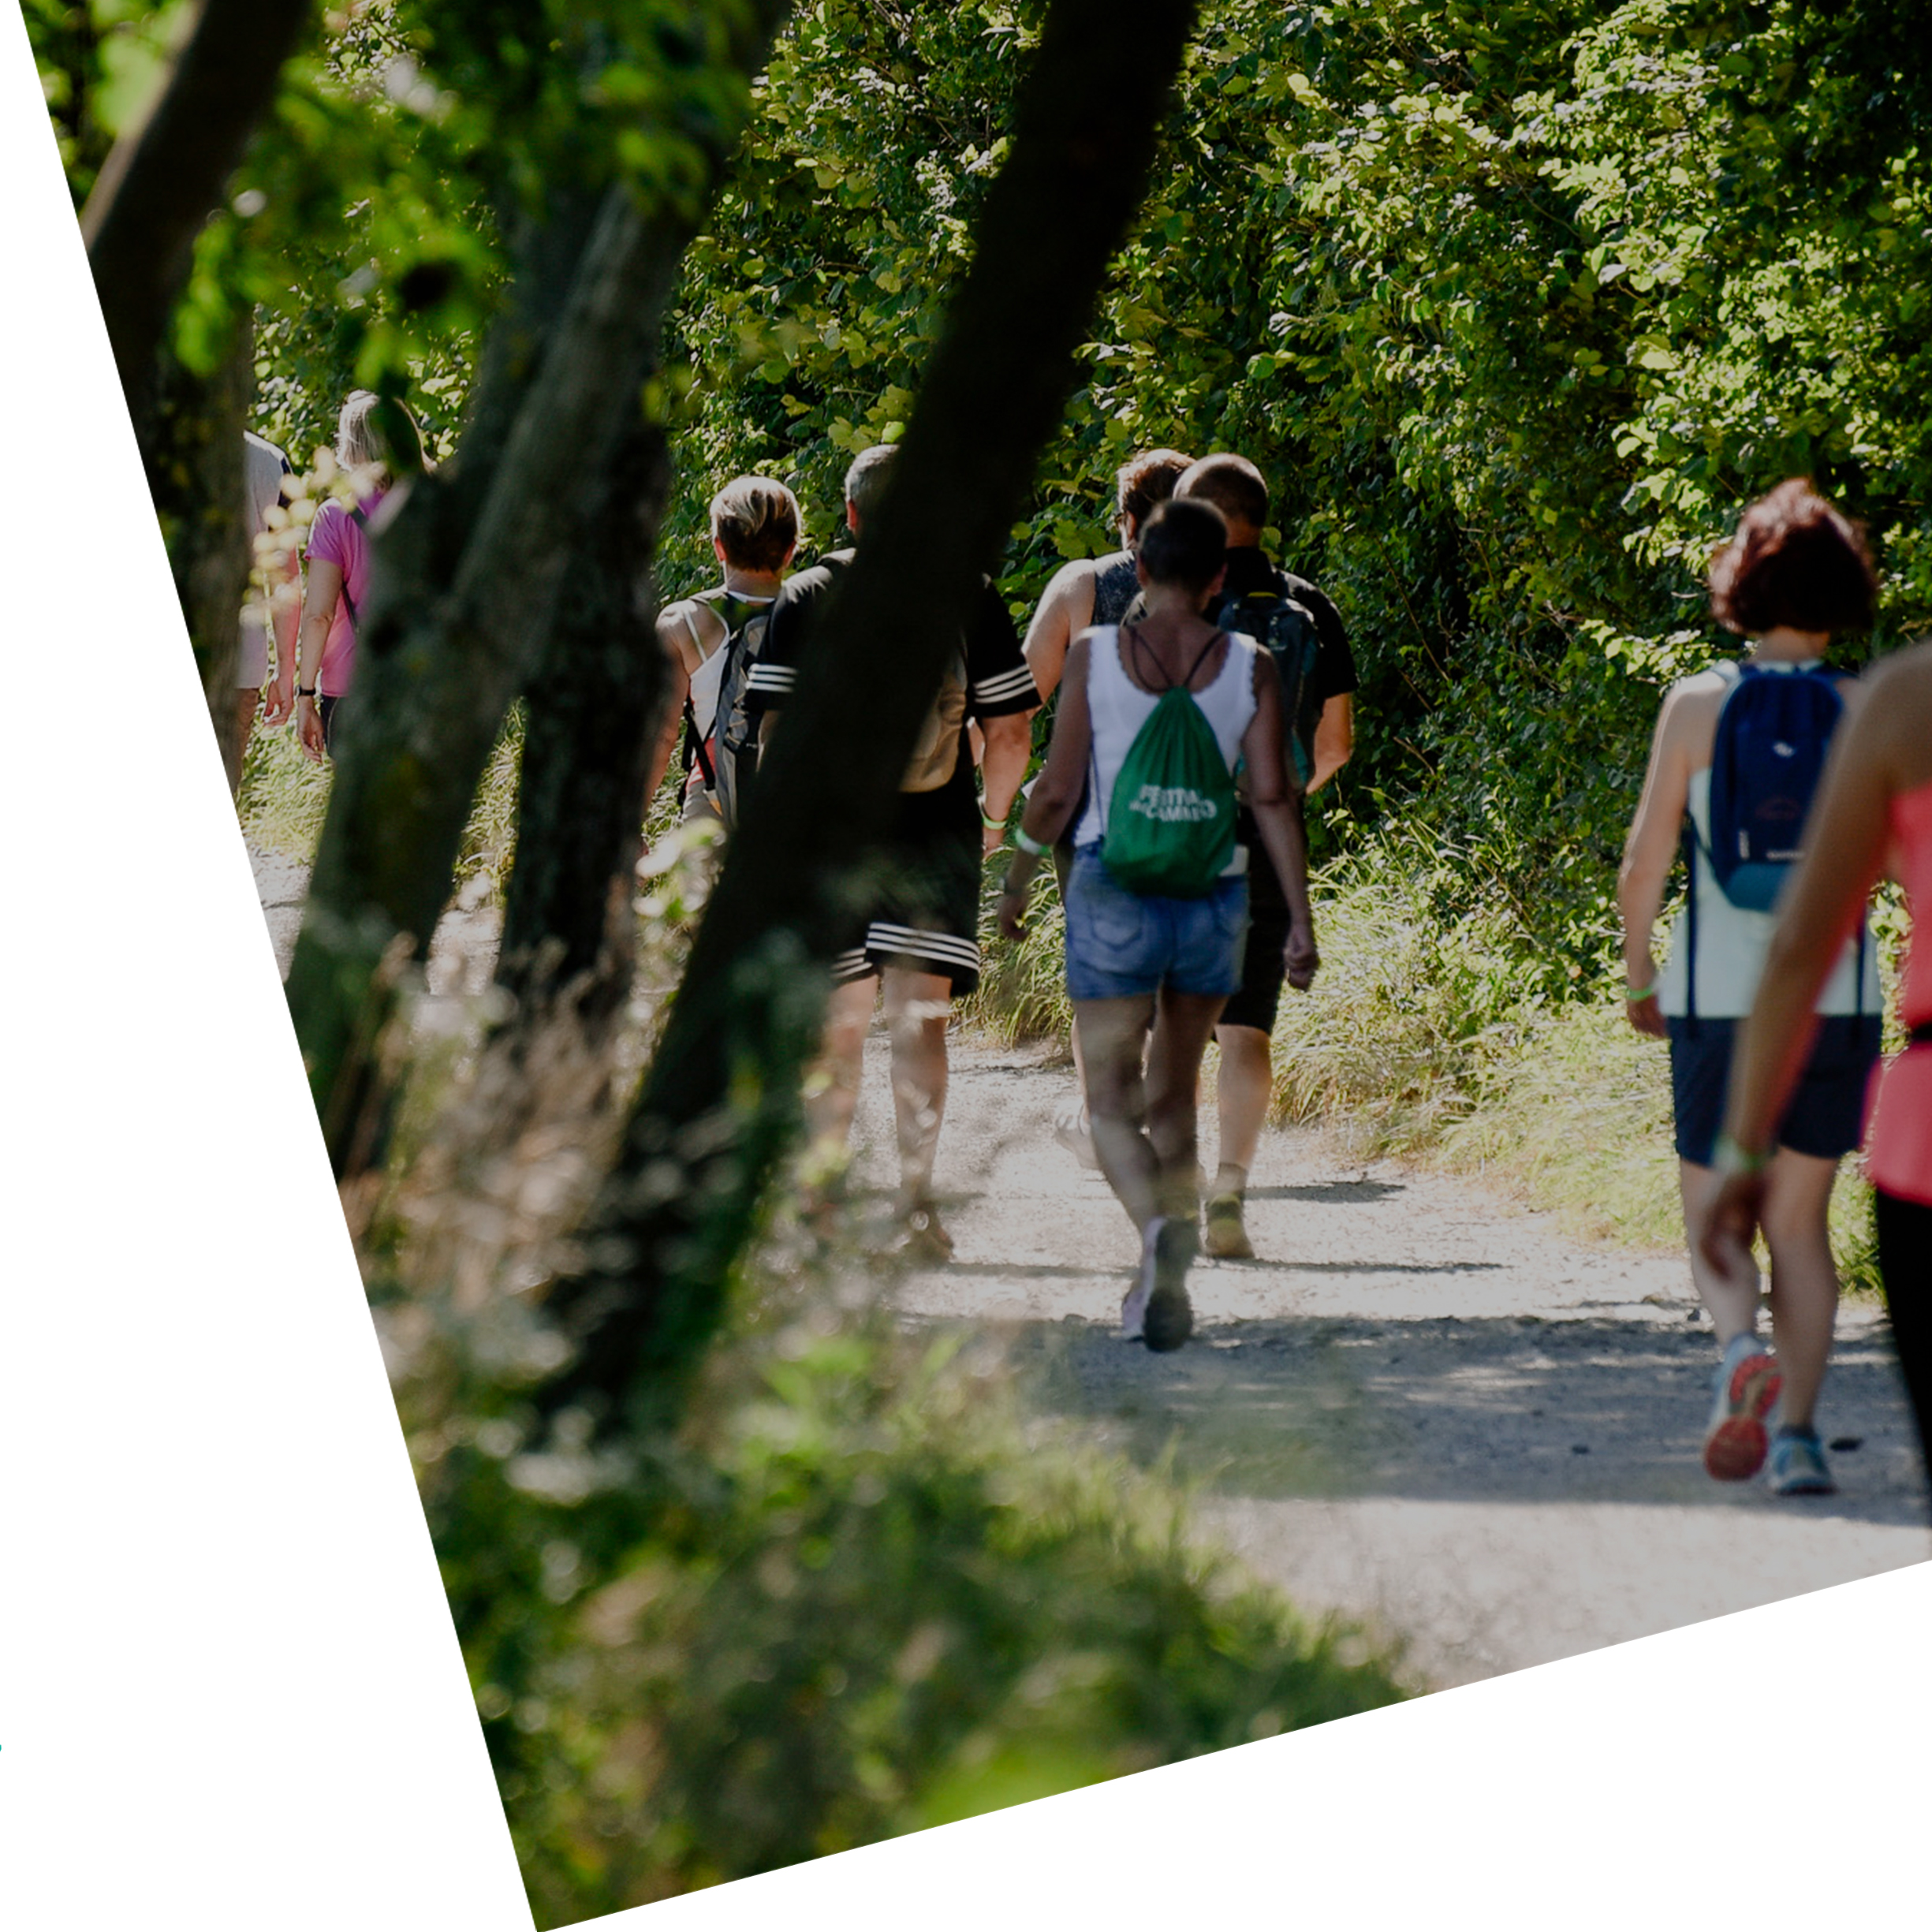 rosa-associati-festival-del-cammino-2